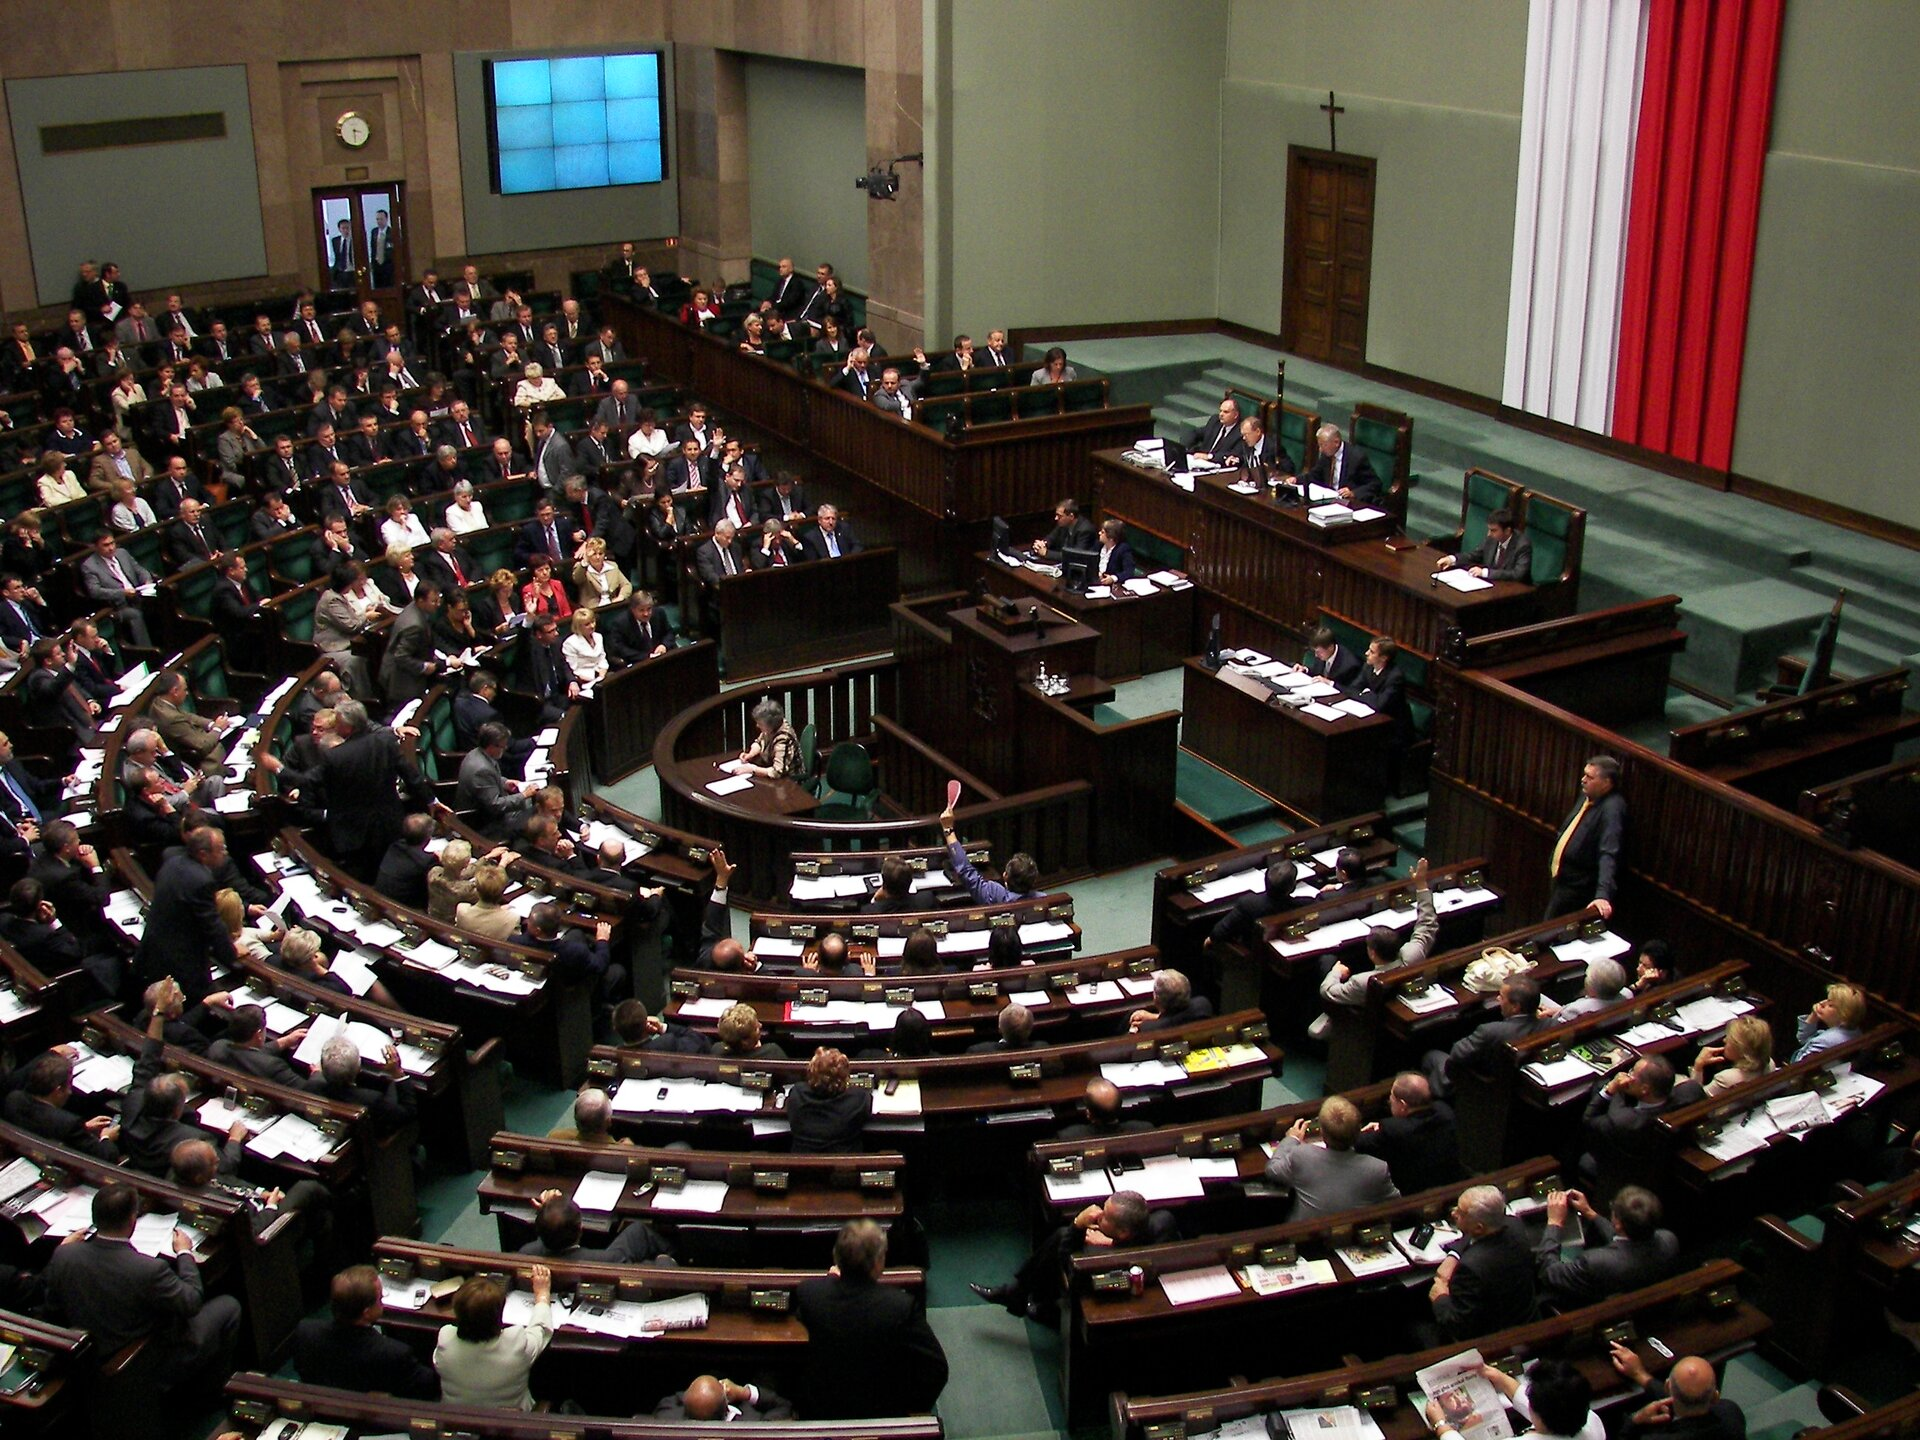 Obrady Sejmu RP Źródło: Piotr VaGla Waglowski, Obrady Sejmu RP, licencja: CC 0.